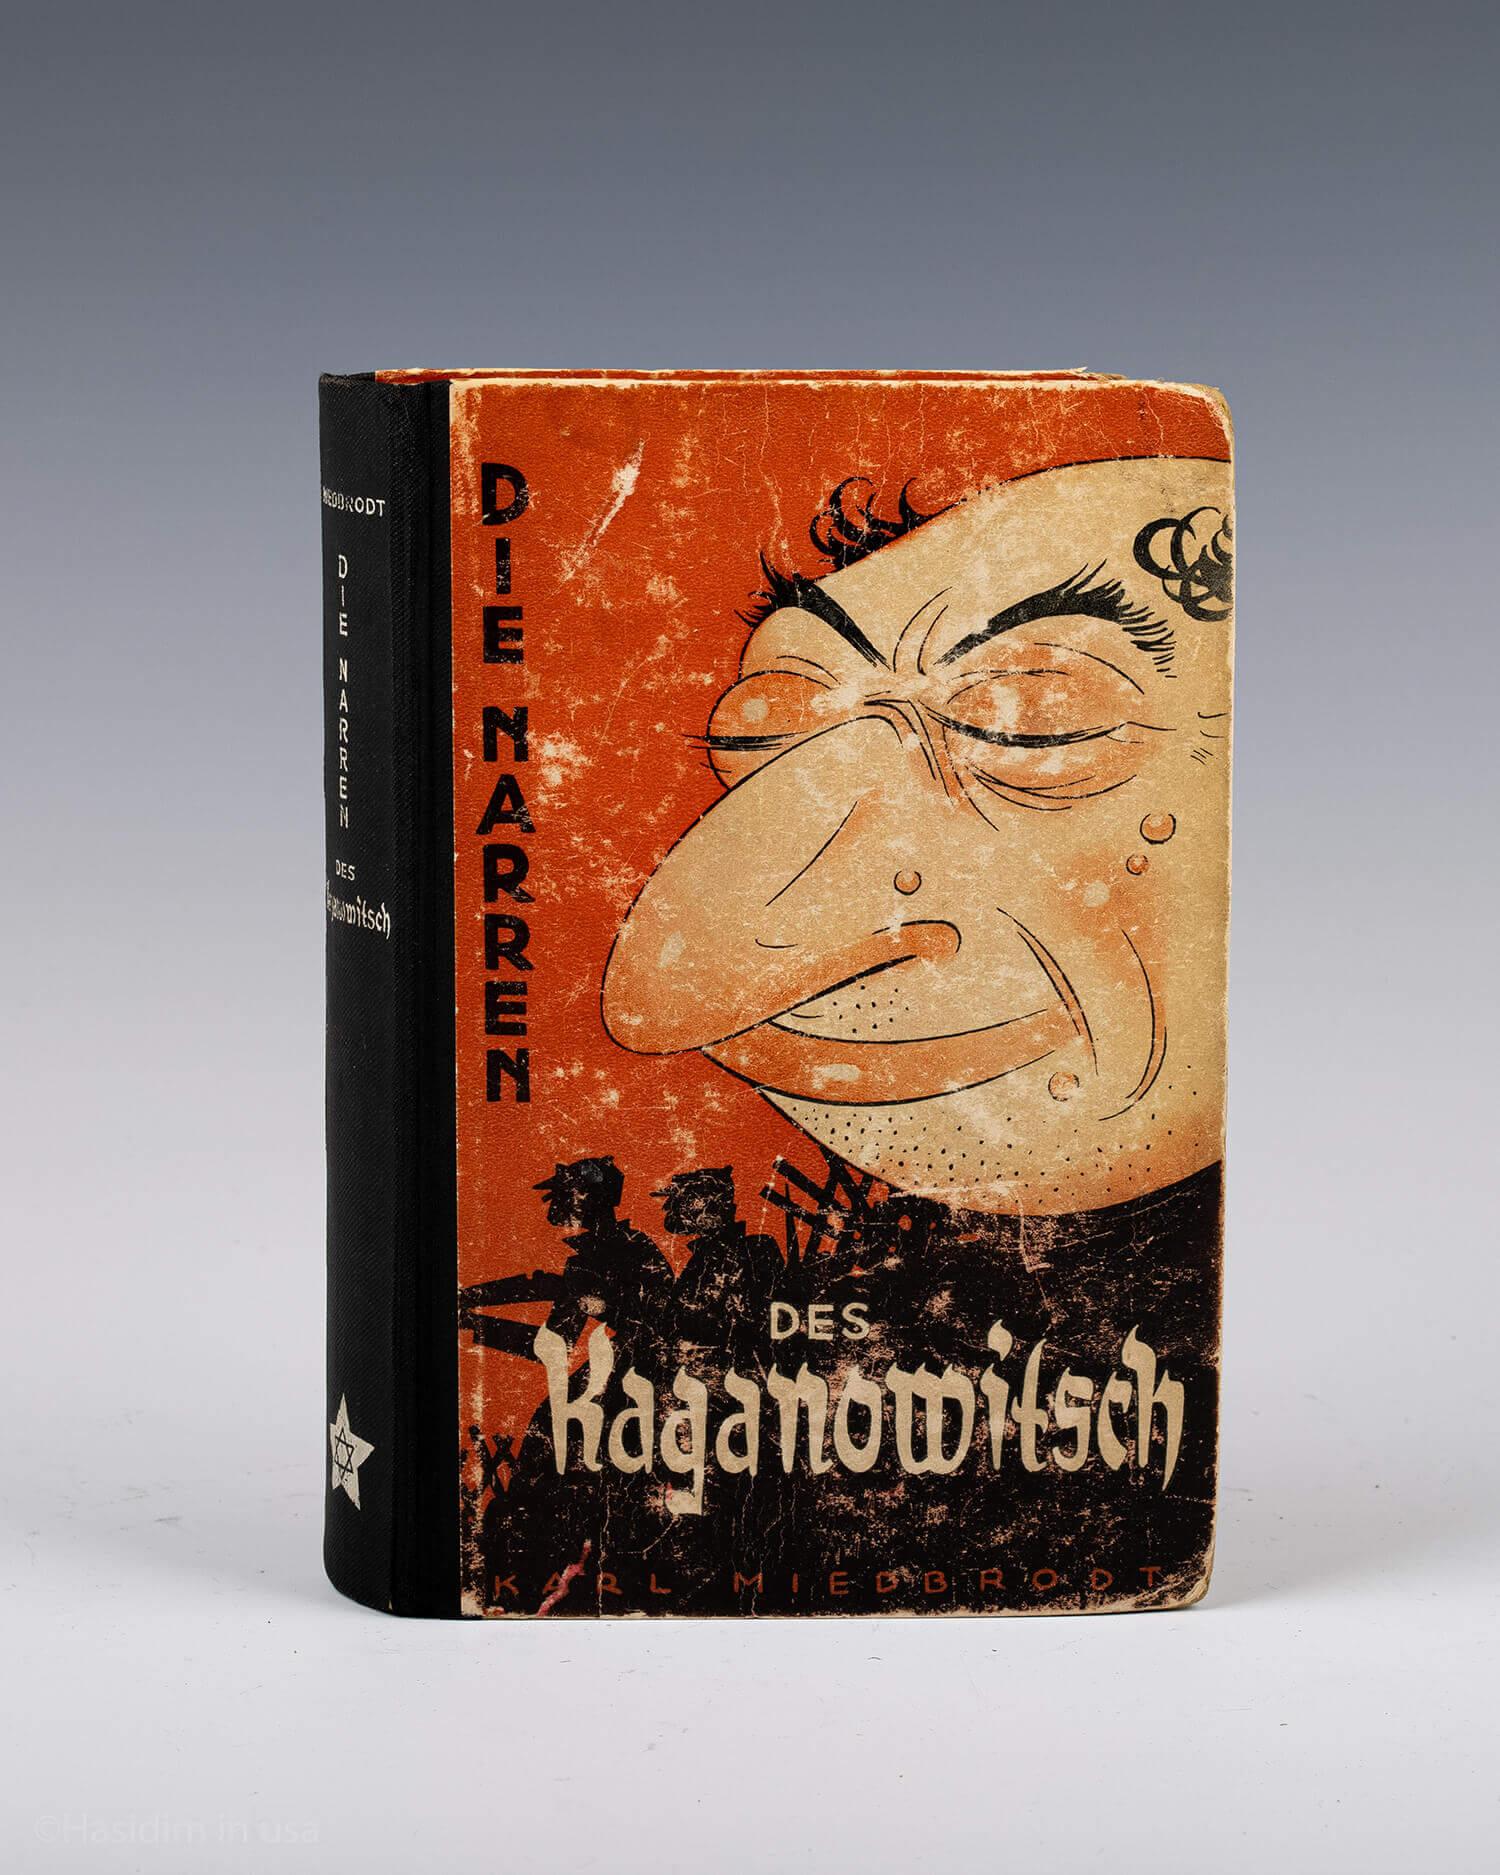 159. DIE NARREN DES KAGANOWITSCH/THE FOOLS OF KAGANOVITCH